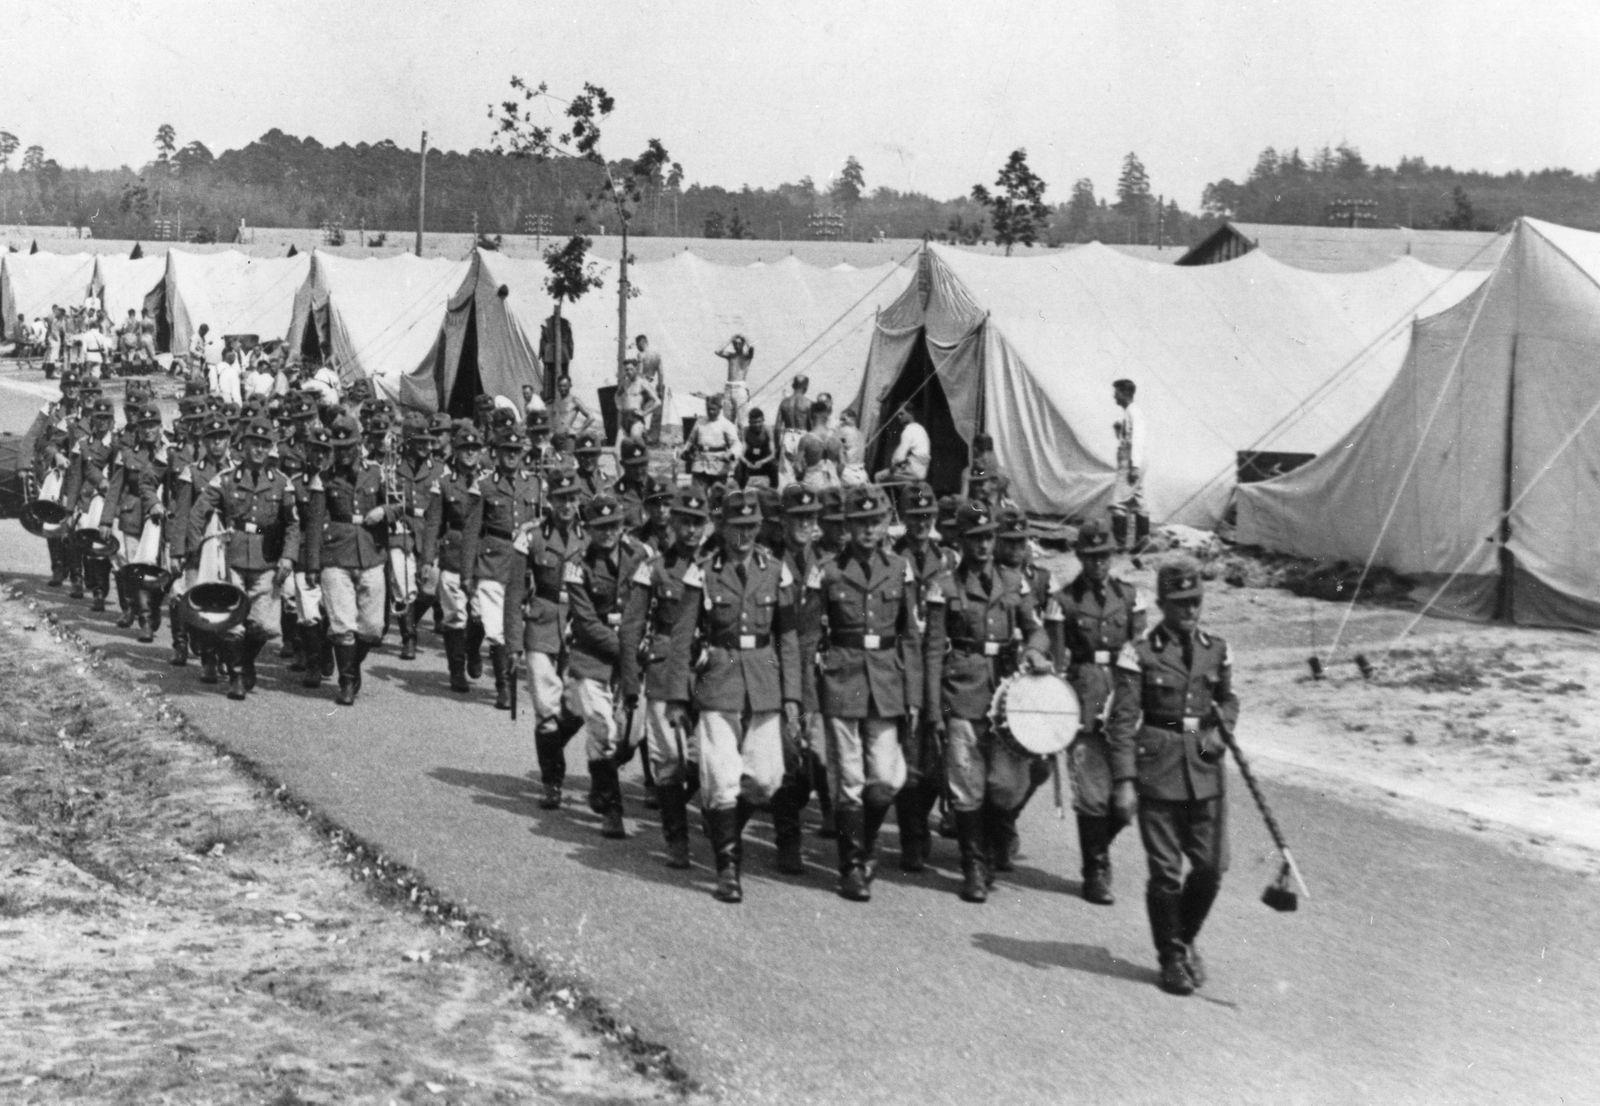 NSDAP Parteitag 1939 - Ein Vorauskommando des Reichsarbeitsdienstes vor der Zeltstadt Nürnberg-Langwasser